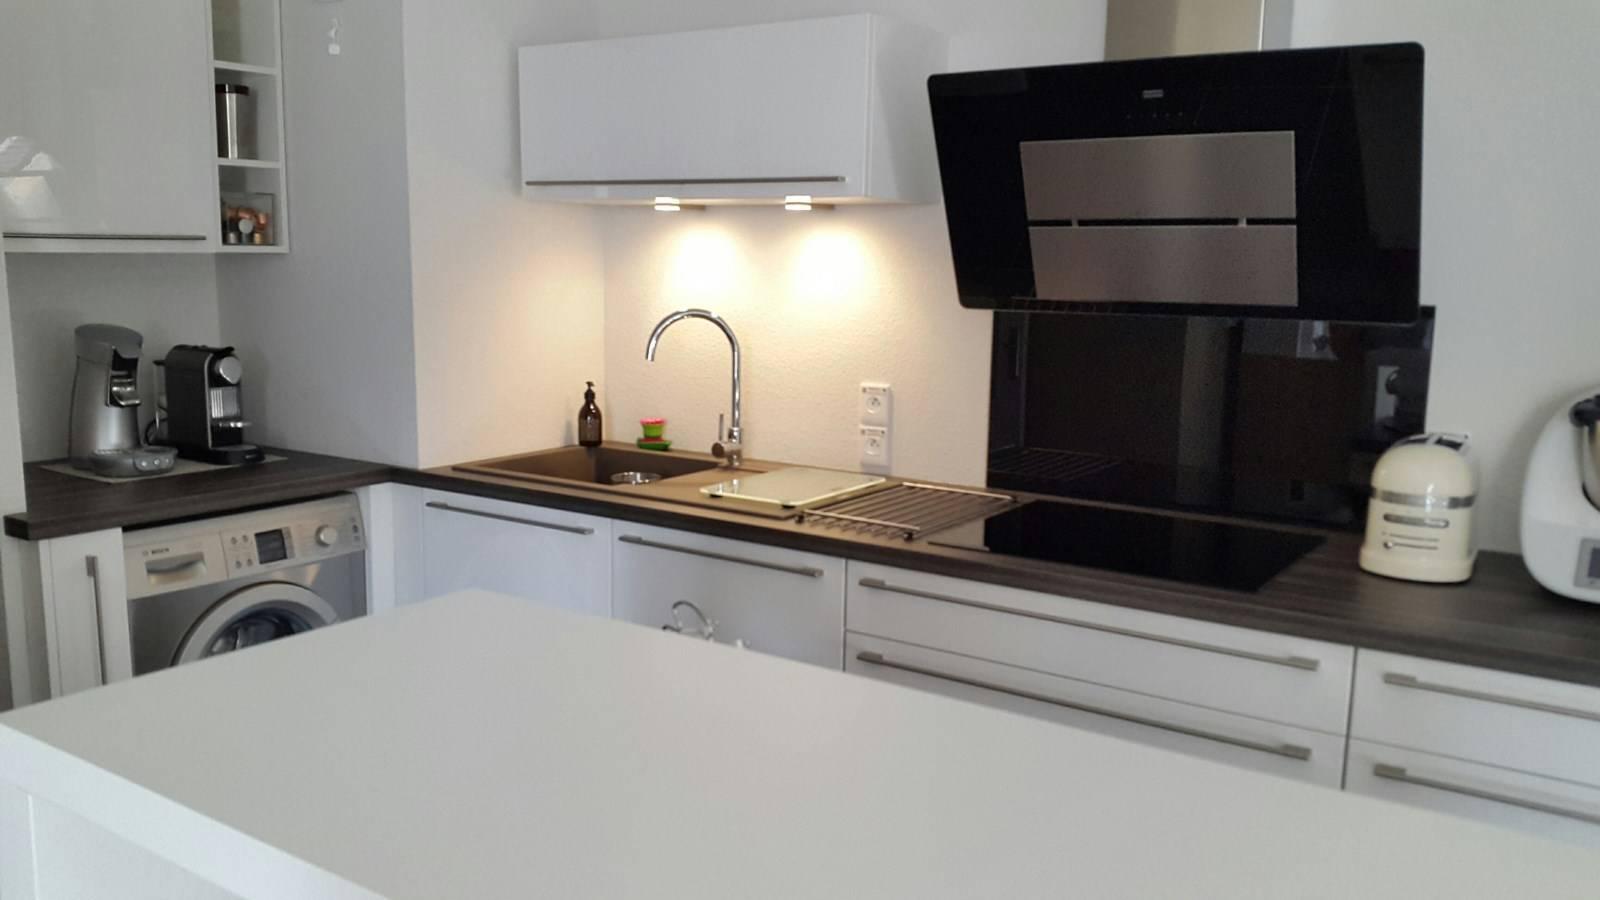 cuisine sur mesure lyon 69008 dans un logement neuf lyon adc cuisine. Black Bedroom Furniture Sets. Home Design Ideas